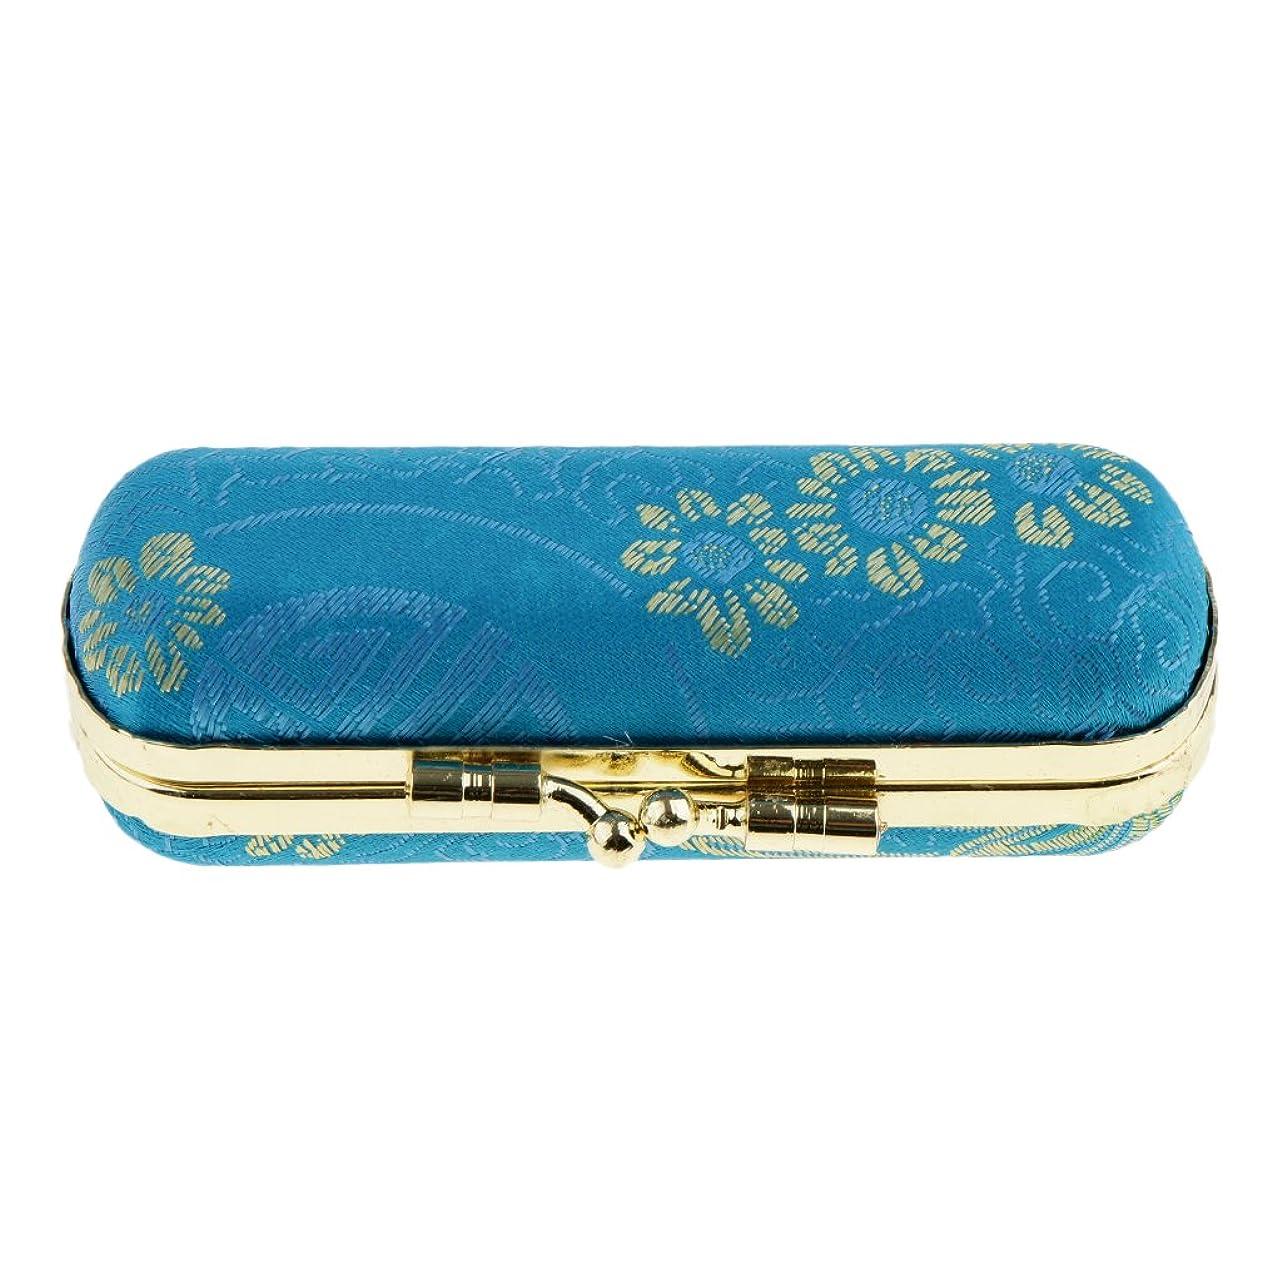 昇進石のおとなしいPerfeclan リップスティックケース 口紅 リップグロスケース 収納ボックス ミラー付き 化粧鏡 化粧ポーチ 携帯用